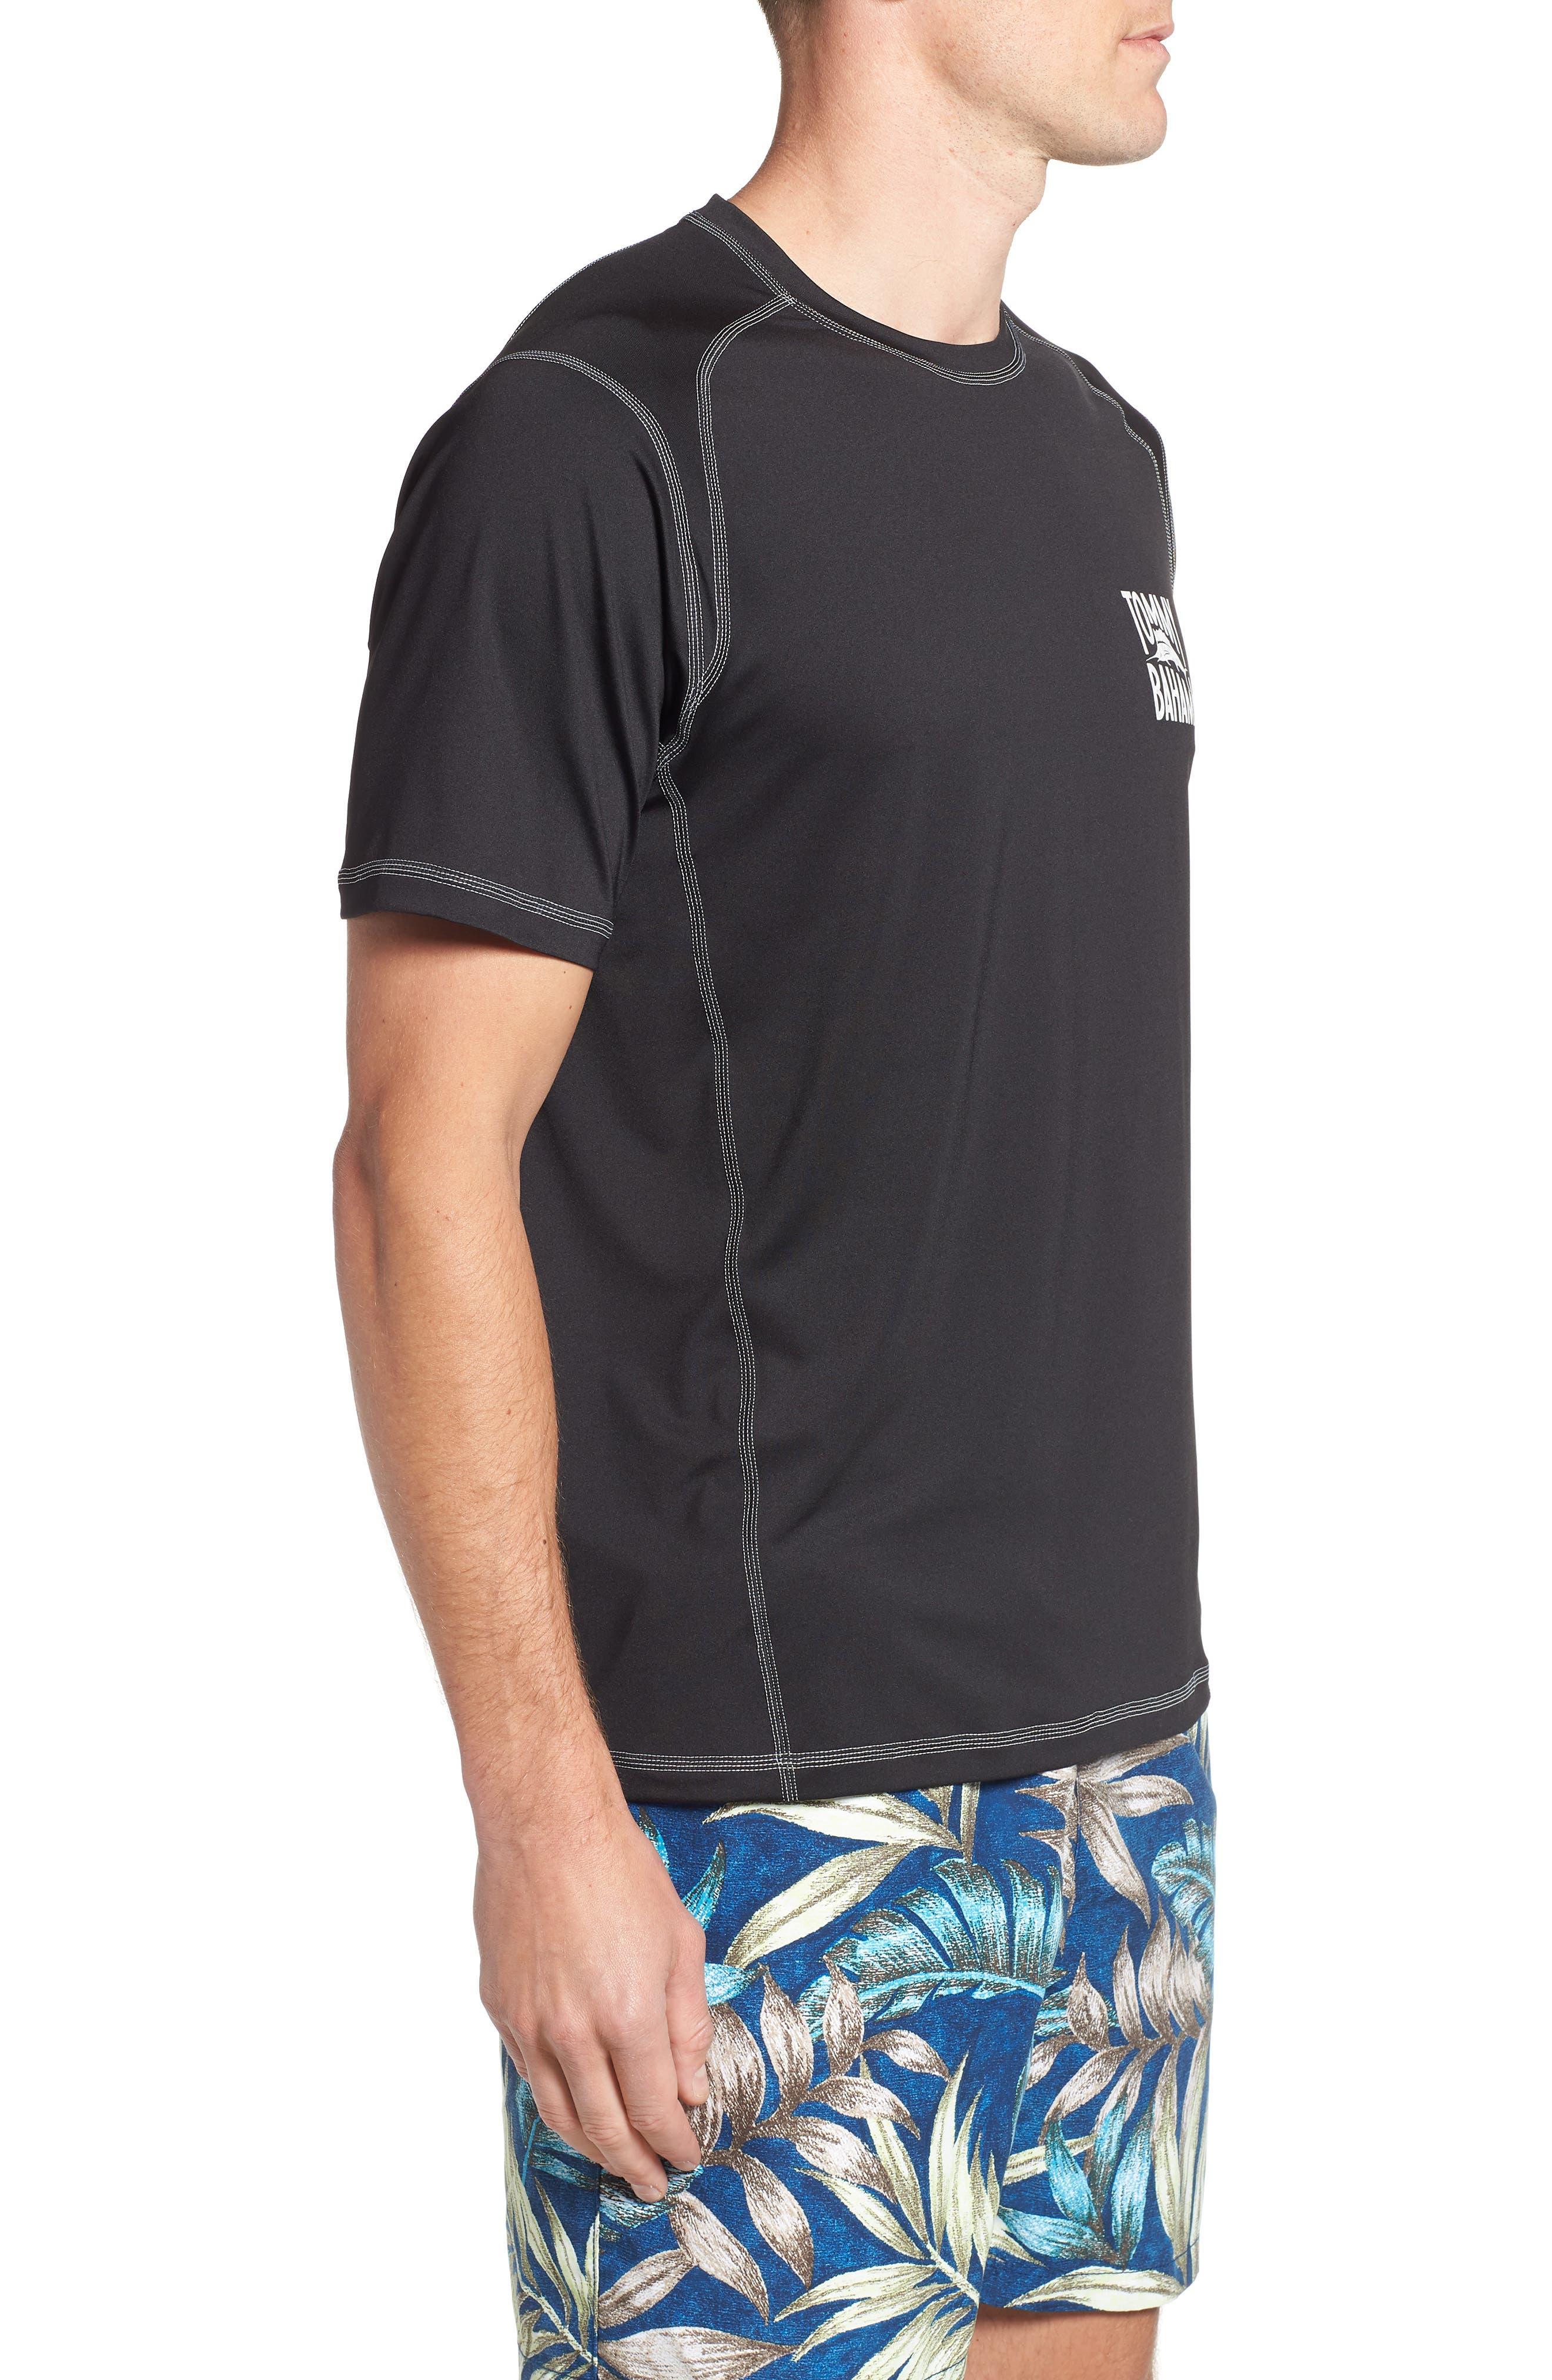 IslandActive<sup>™</sup> Beach Pro Rashguard T-Shirt,                             Alternate thumbnail 3, color,                             BLACK